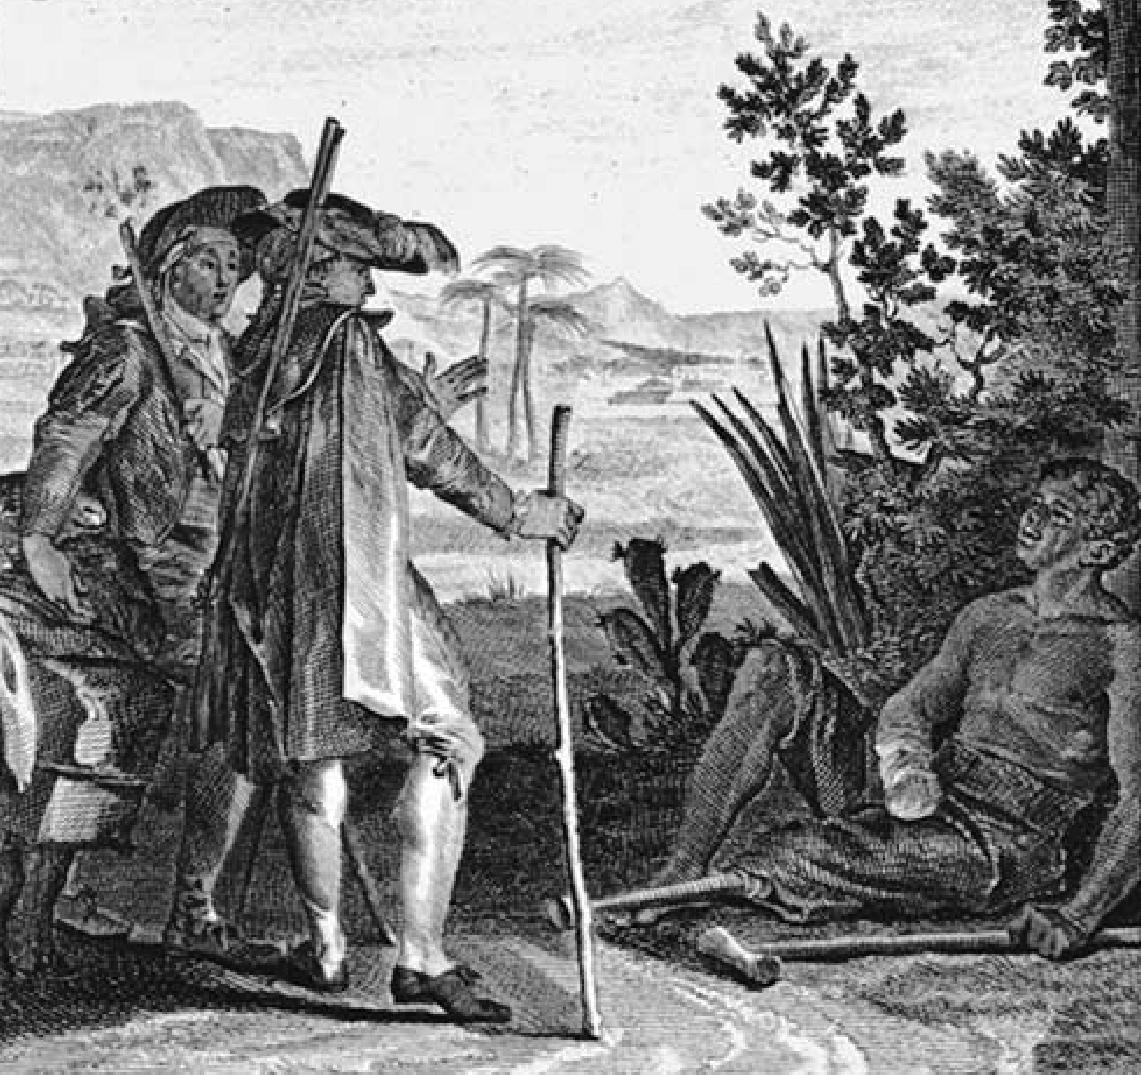 Moreau, gravue illustrant les aventures de Candide, Voltaire